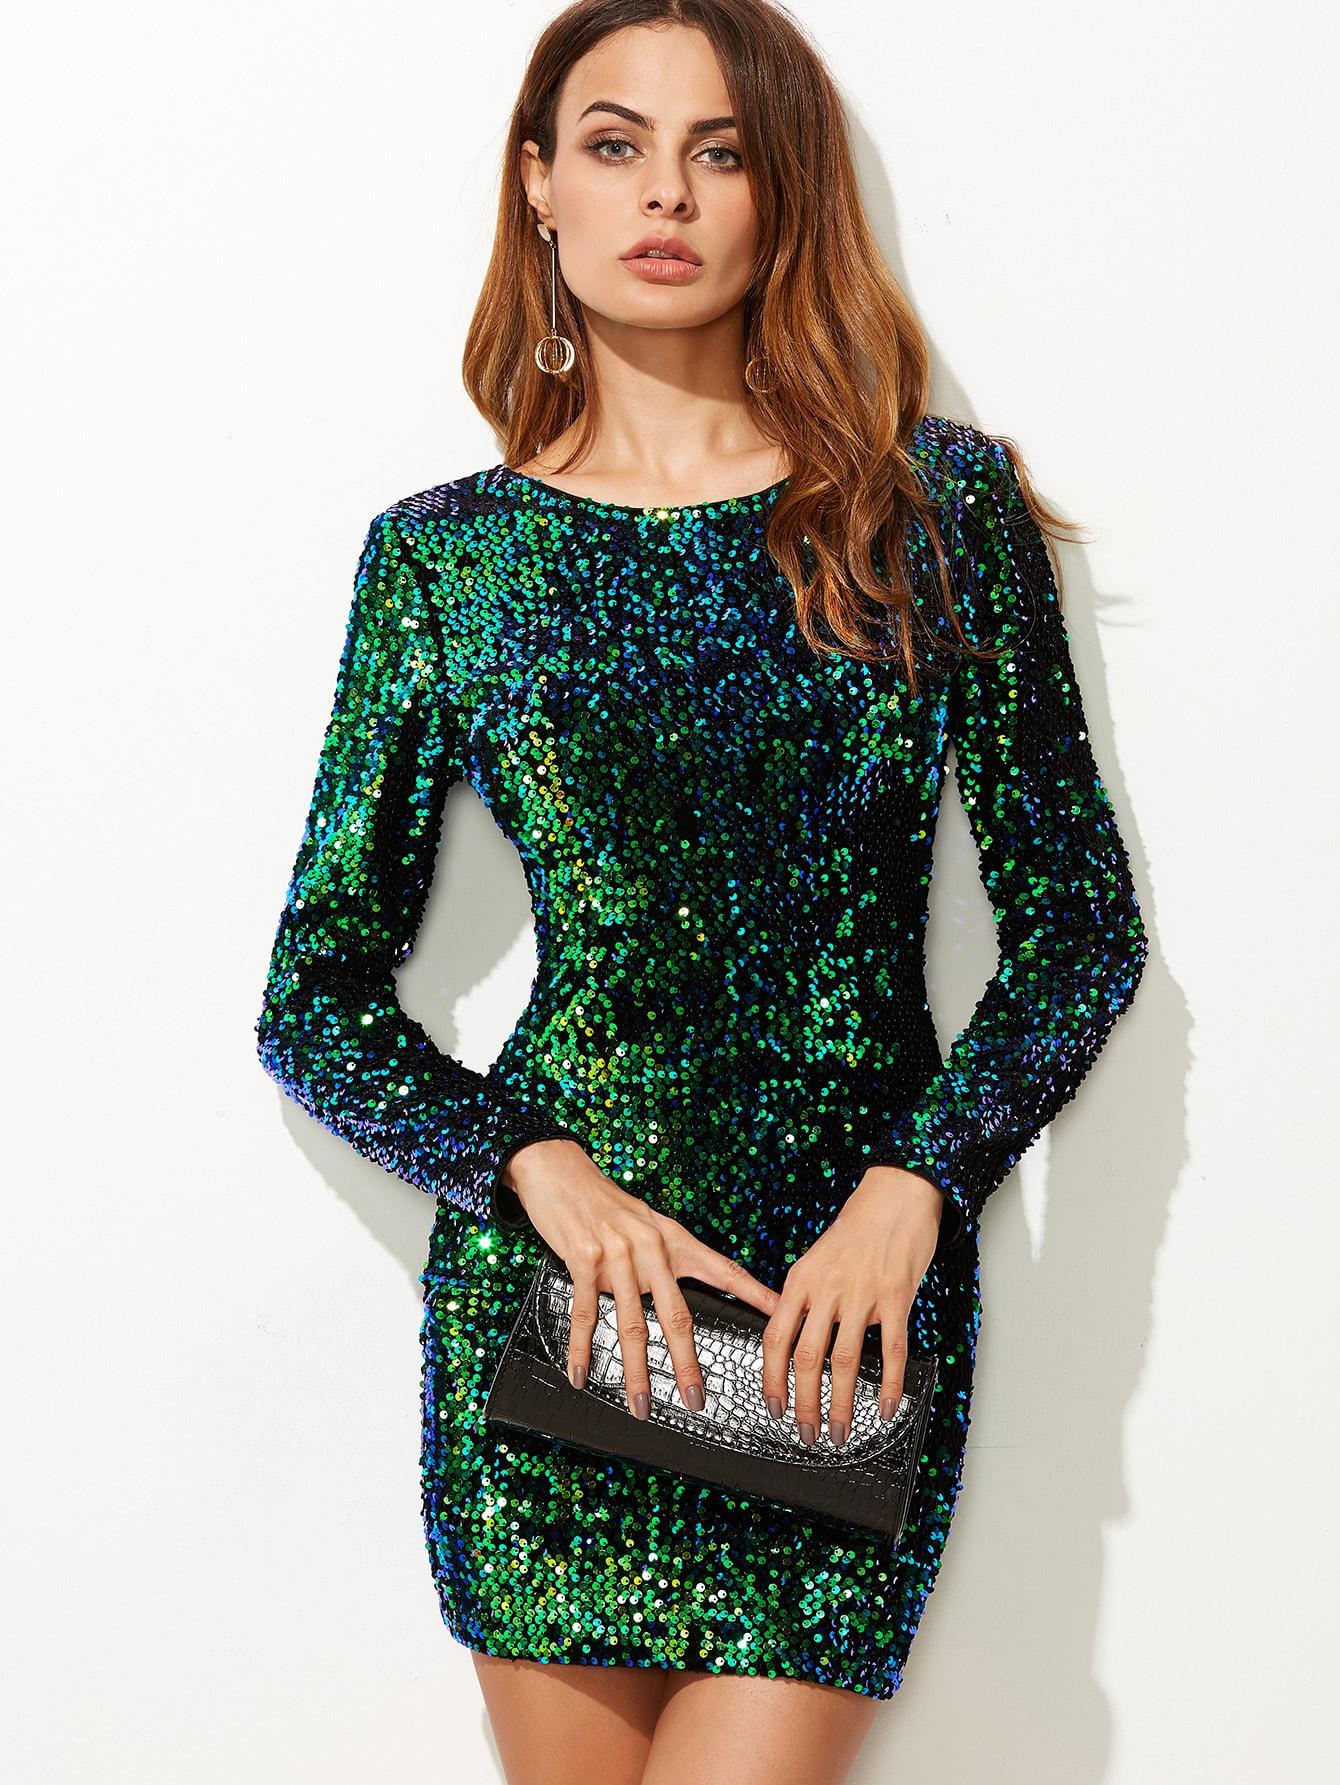 Green Iridescent Long Sleeve Sequin Bodycon Dress SheInSheinside